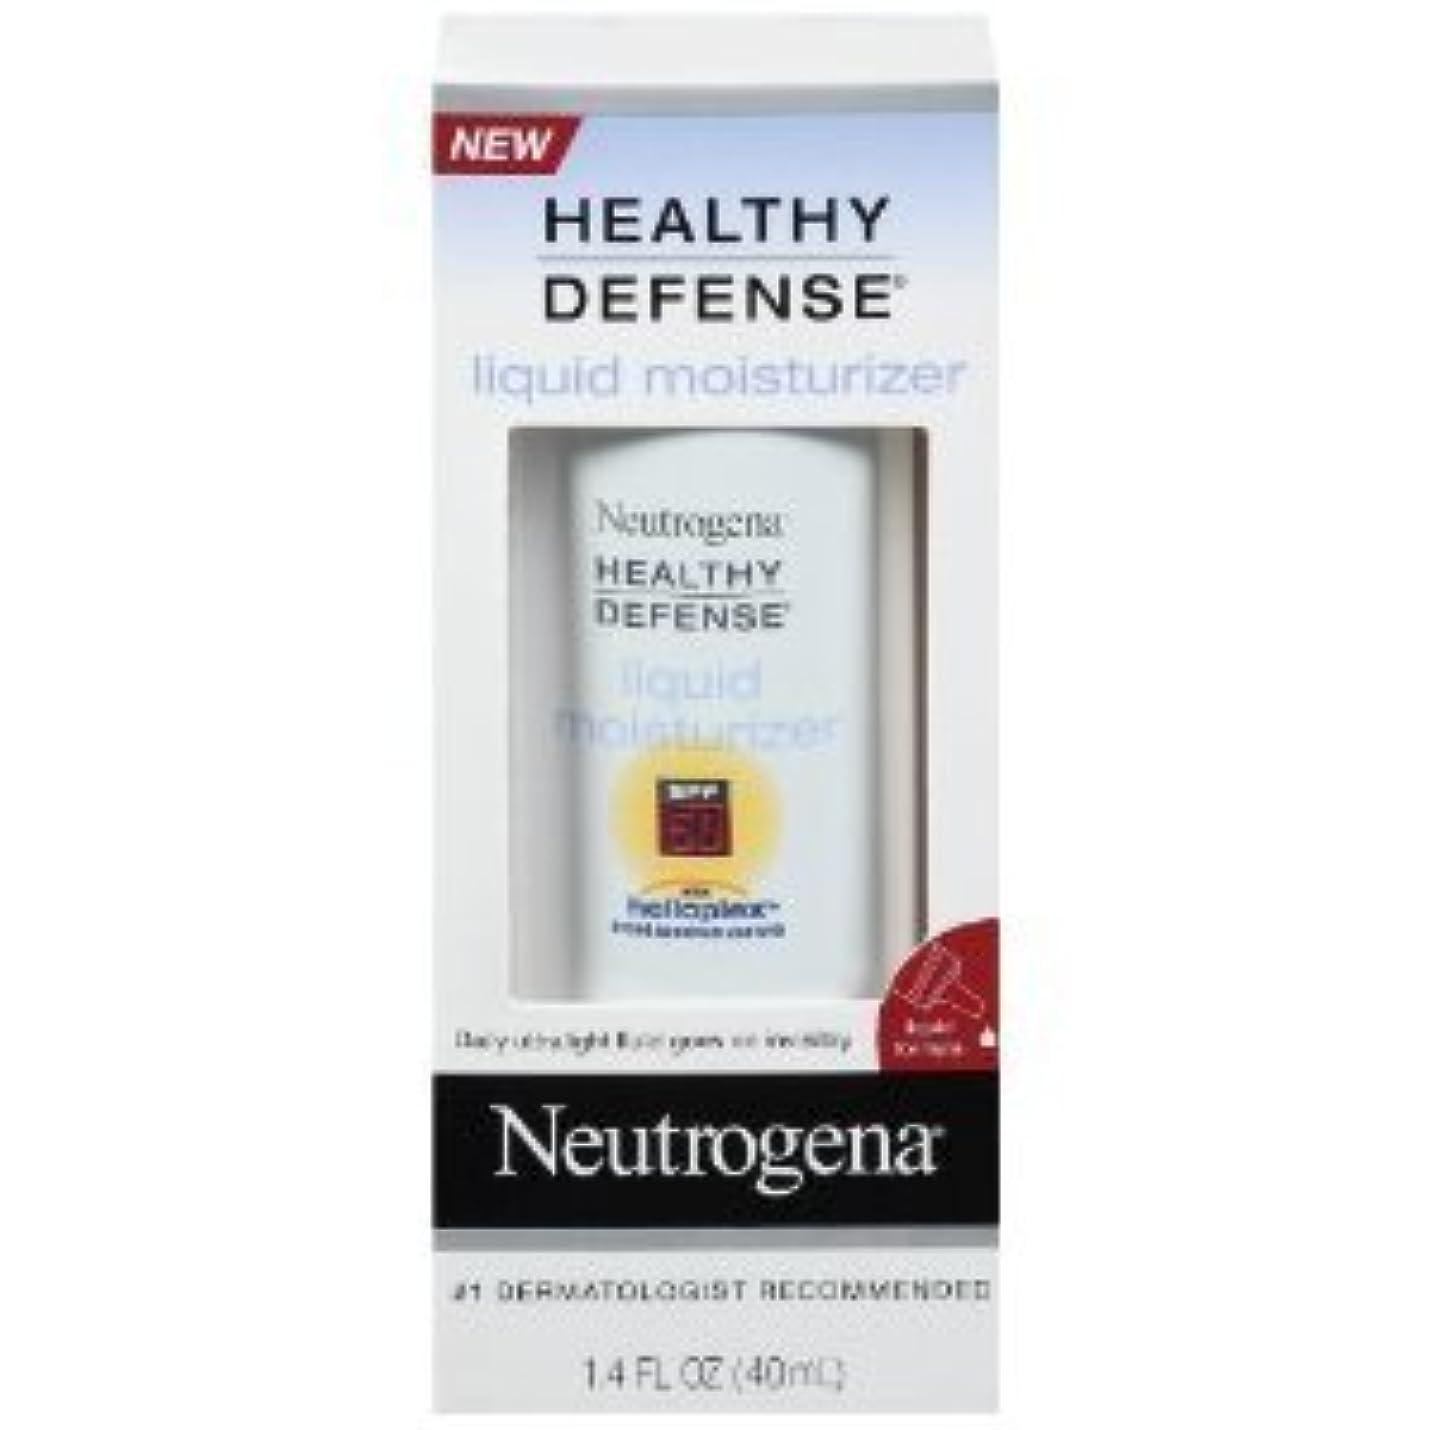 ブルーム思春期のここにニュートロジーナ SPF50 ヘルシーディフェンス デイリーモイスチャライザー(ヘリオプレックス) Neutrogena Healthy Defense Daily Moisturizer with Helioplex...